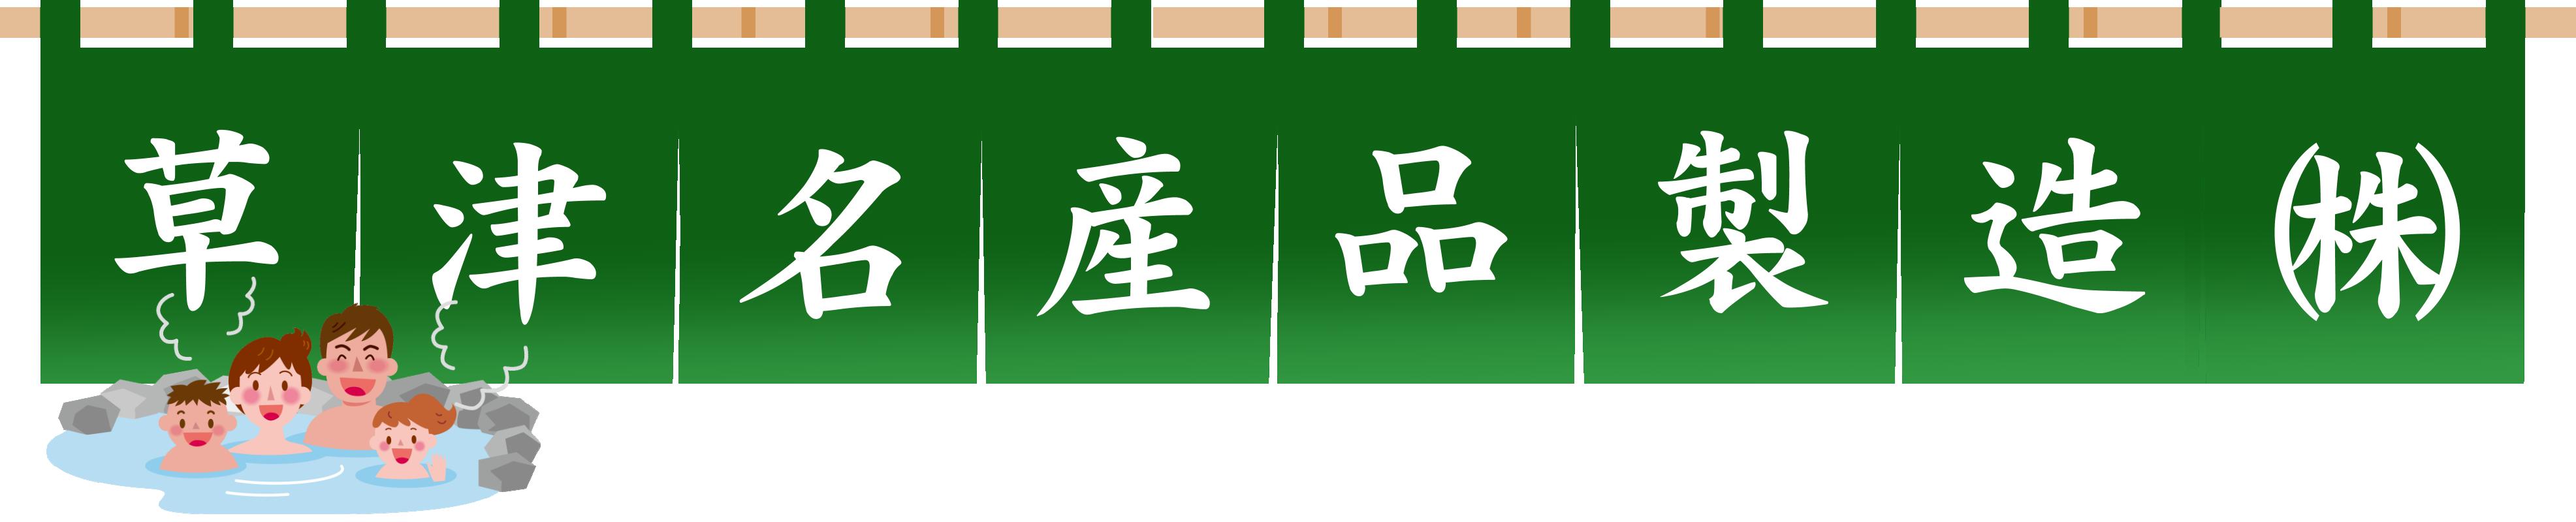 草津名産品製造株式会社